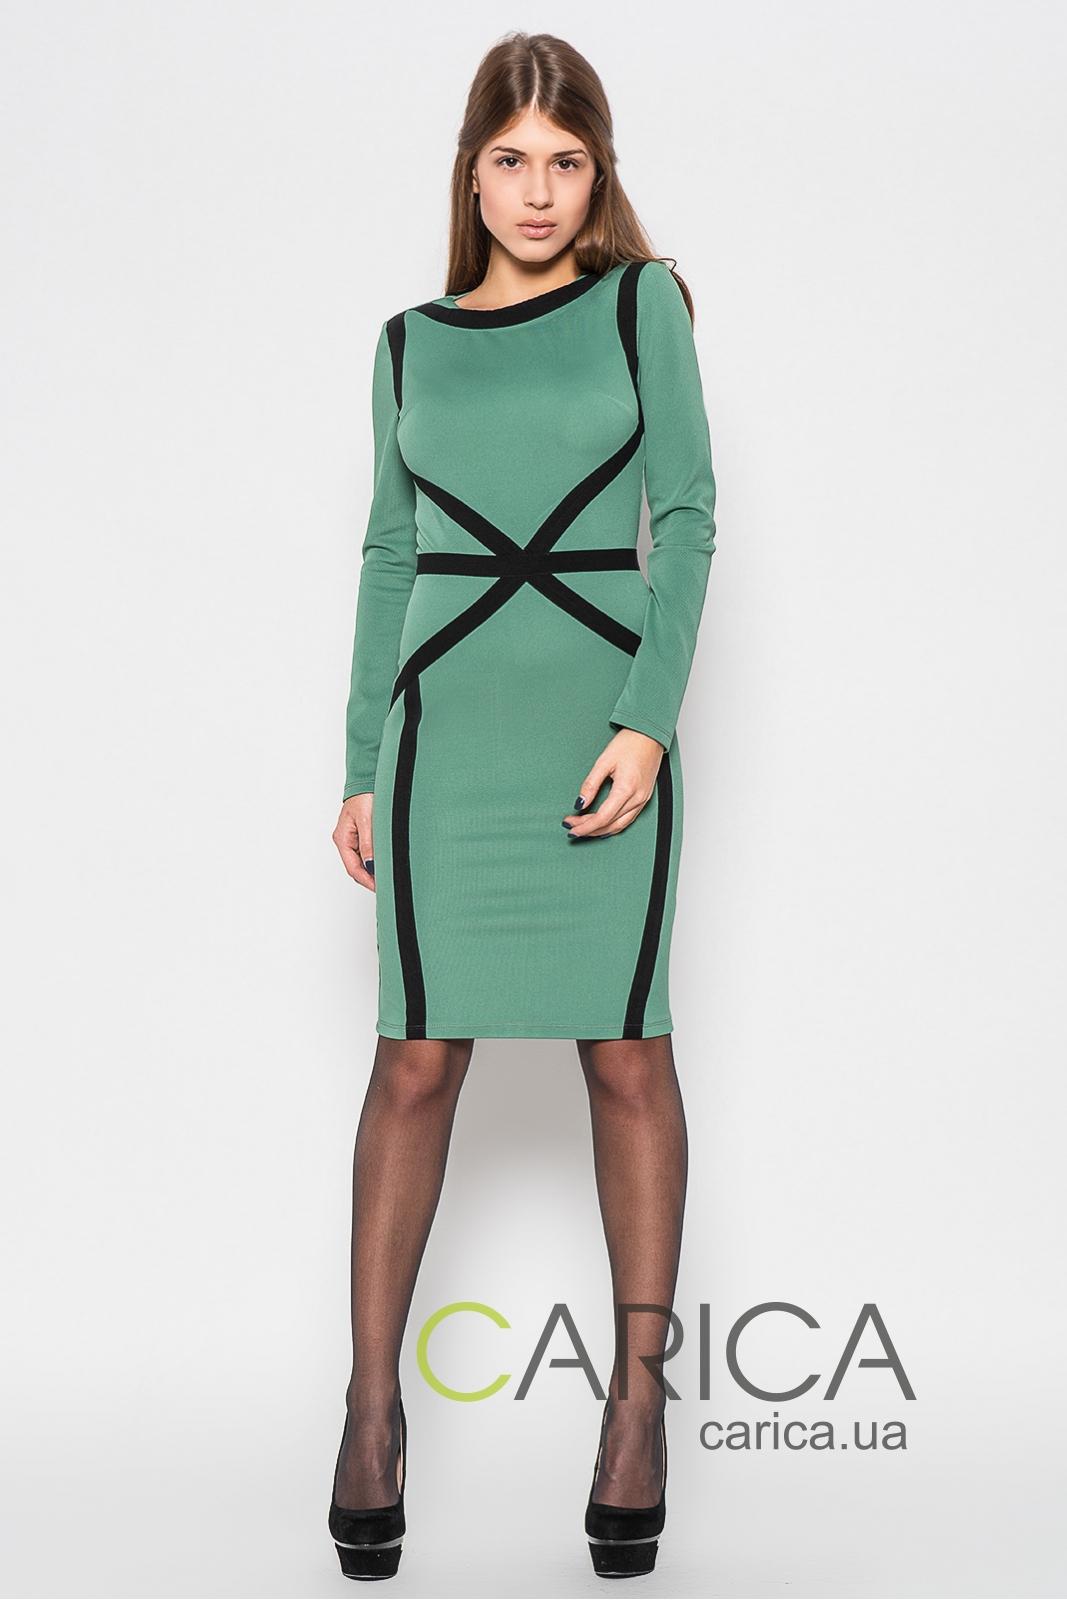 Сбор заказов. Очень красивая и модная женская одежда C@ric@. Платья от 450 руб, блузки от 280 руб, костюмы от 750 руб. Быстрый сбор. Много акций. Выкуп 3